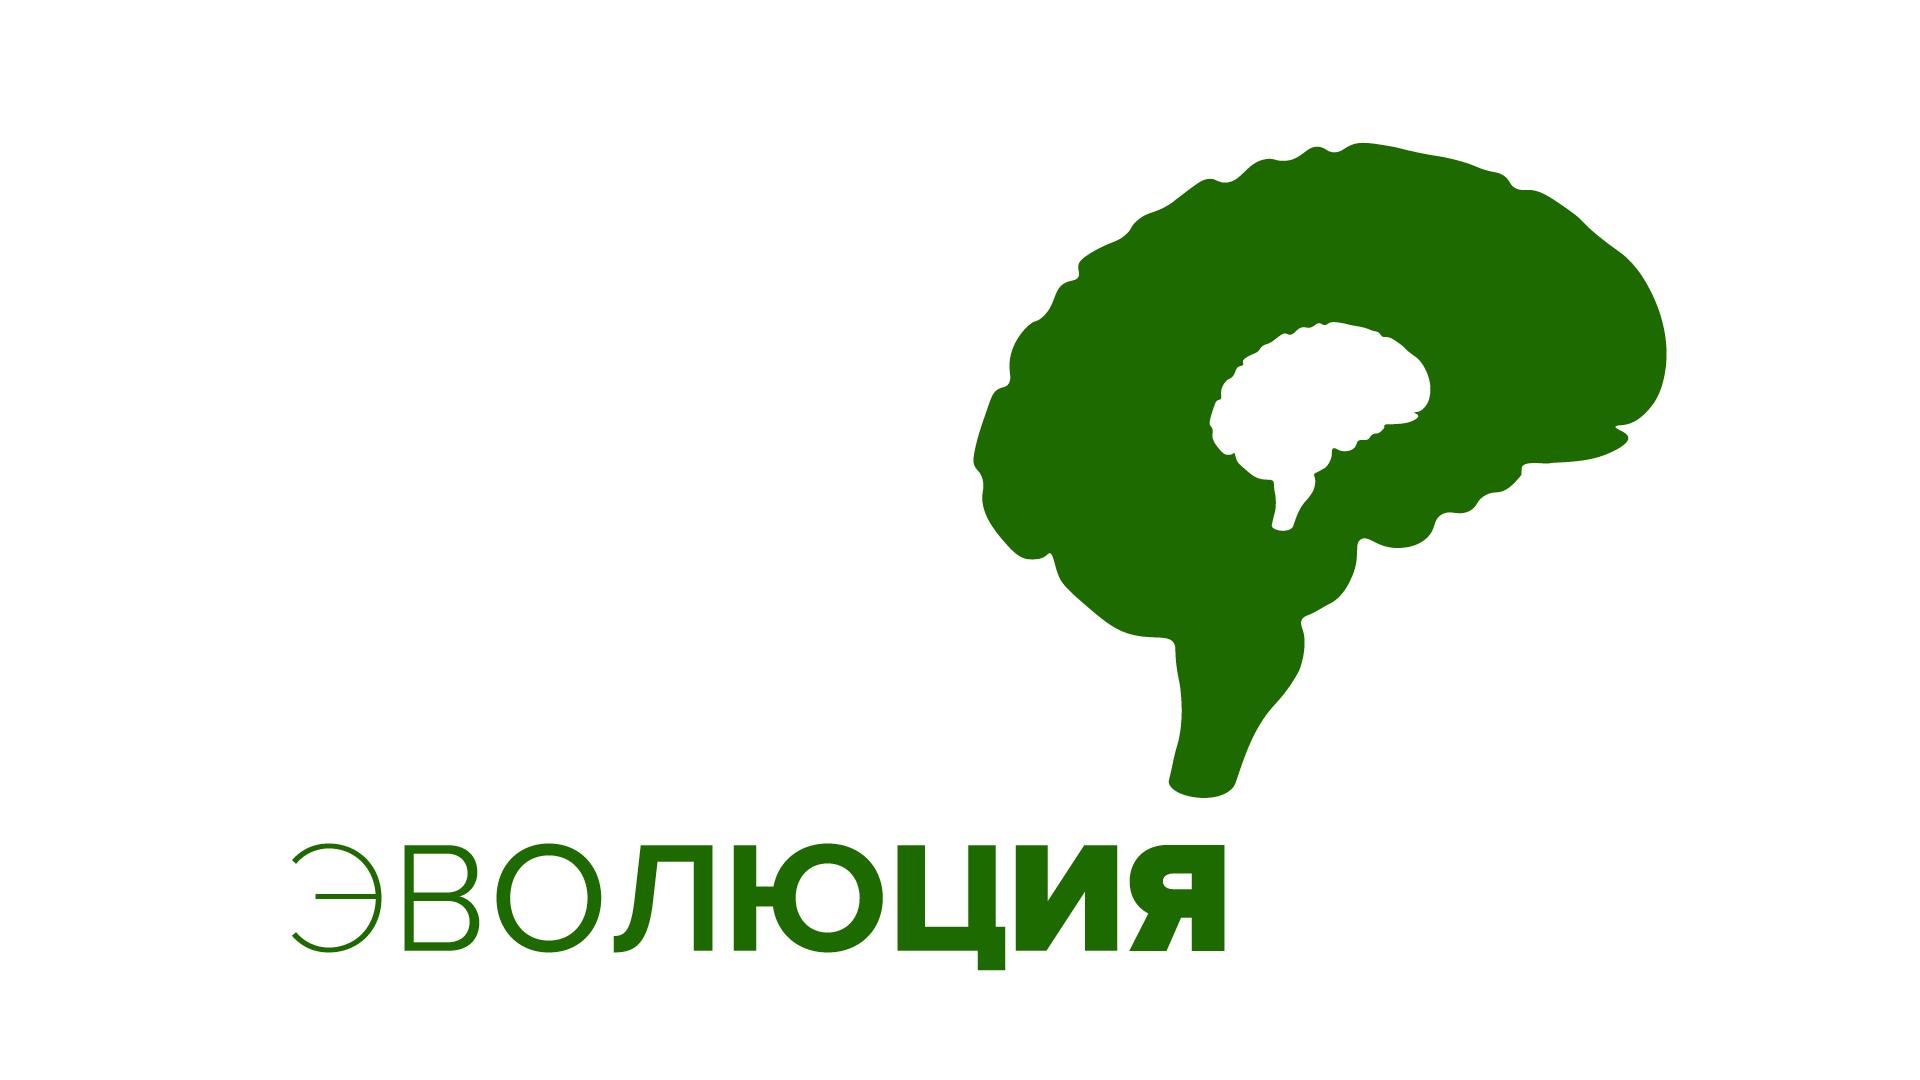 Разработать логотип для Онлайн-школы и сообщества фото f_5665bc224a19281d.png